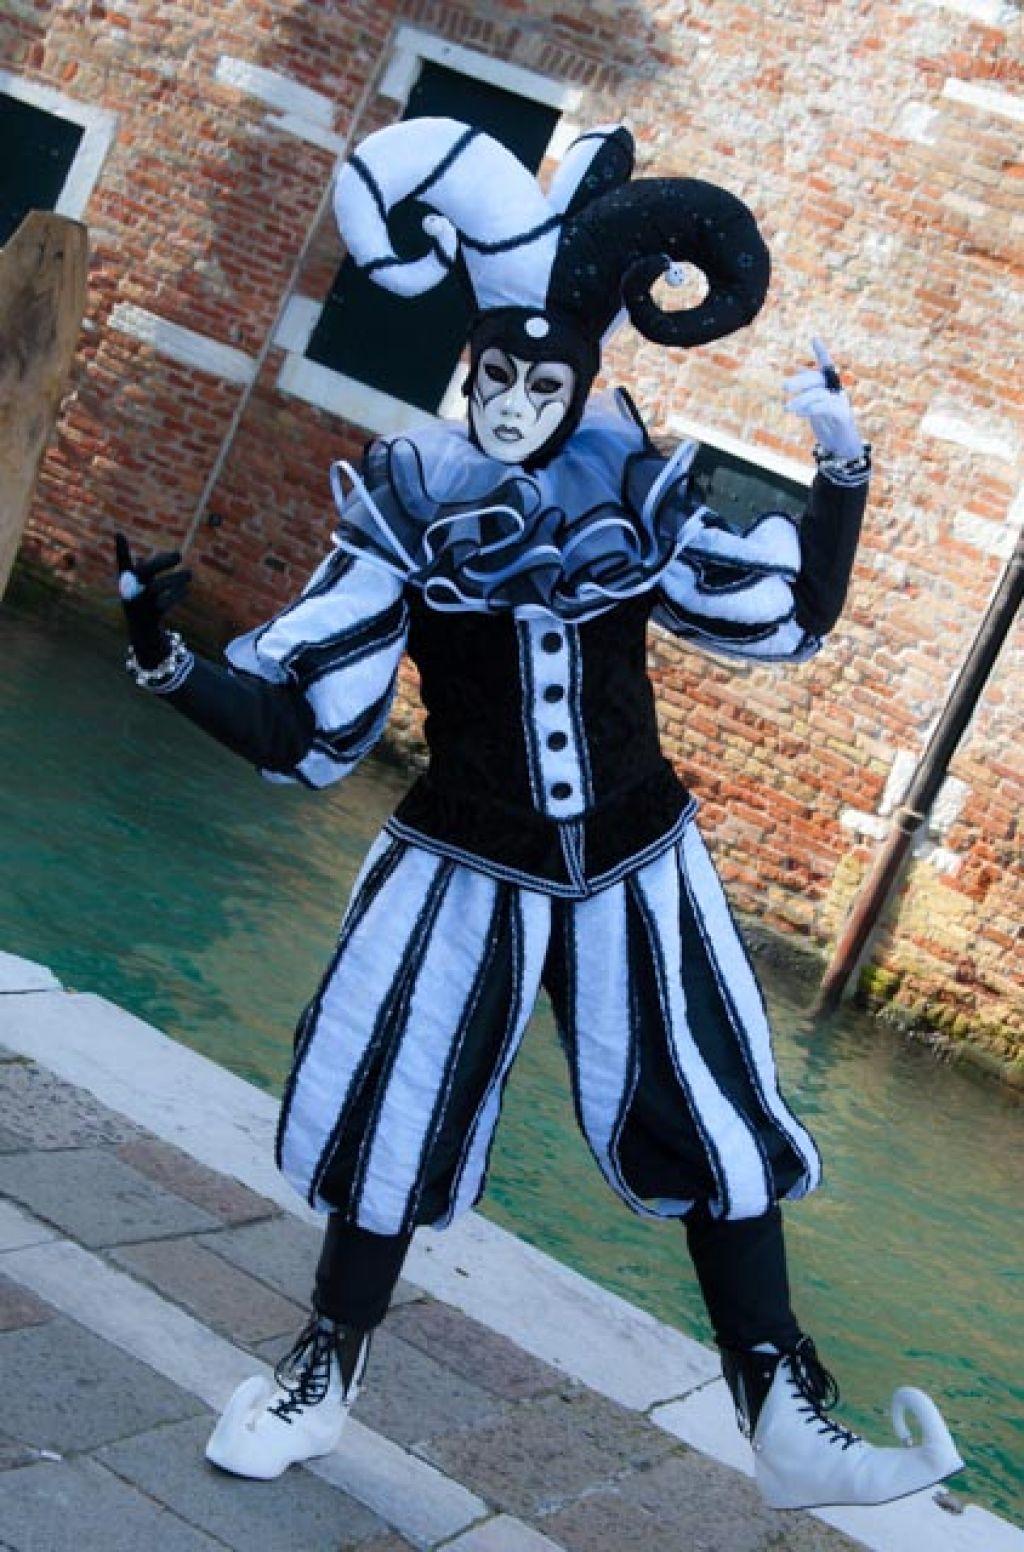 venice carnival3 Carnival Costumes at Santa Maria della Salute